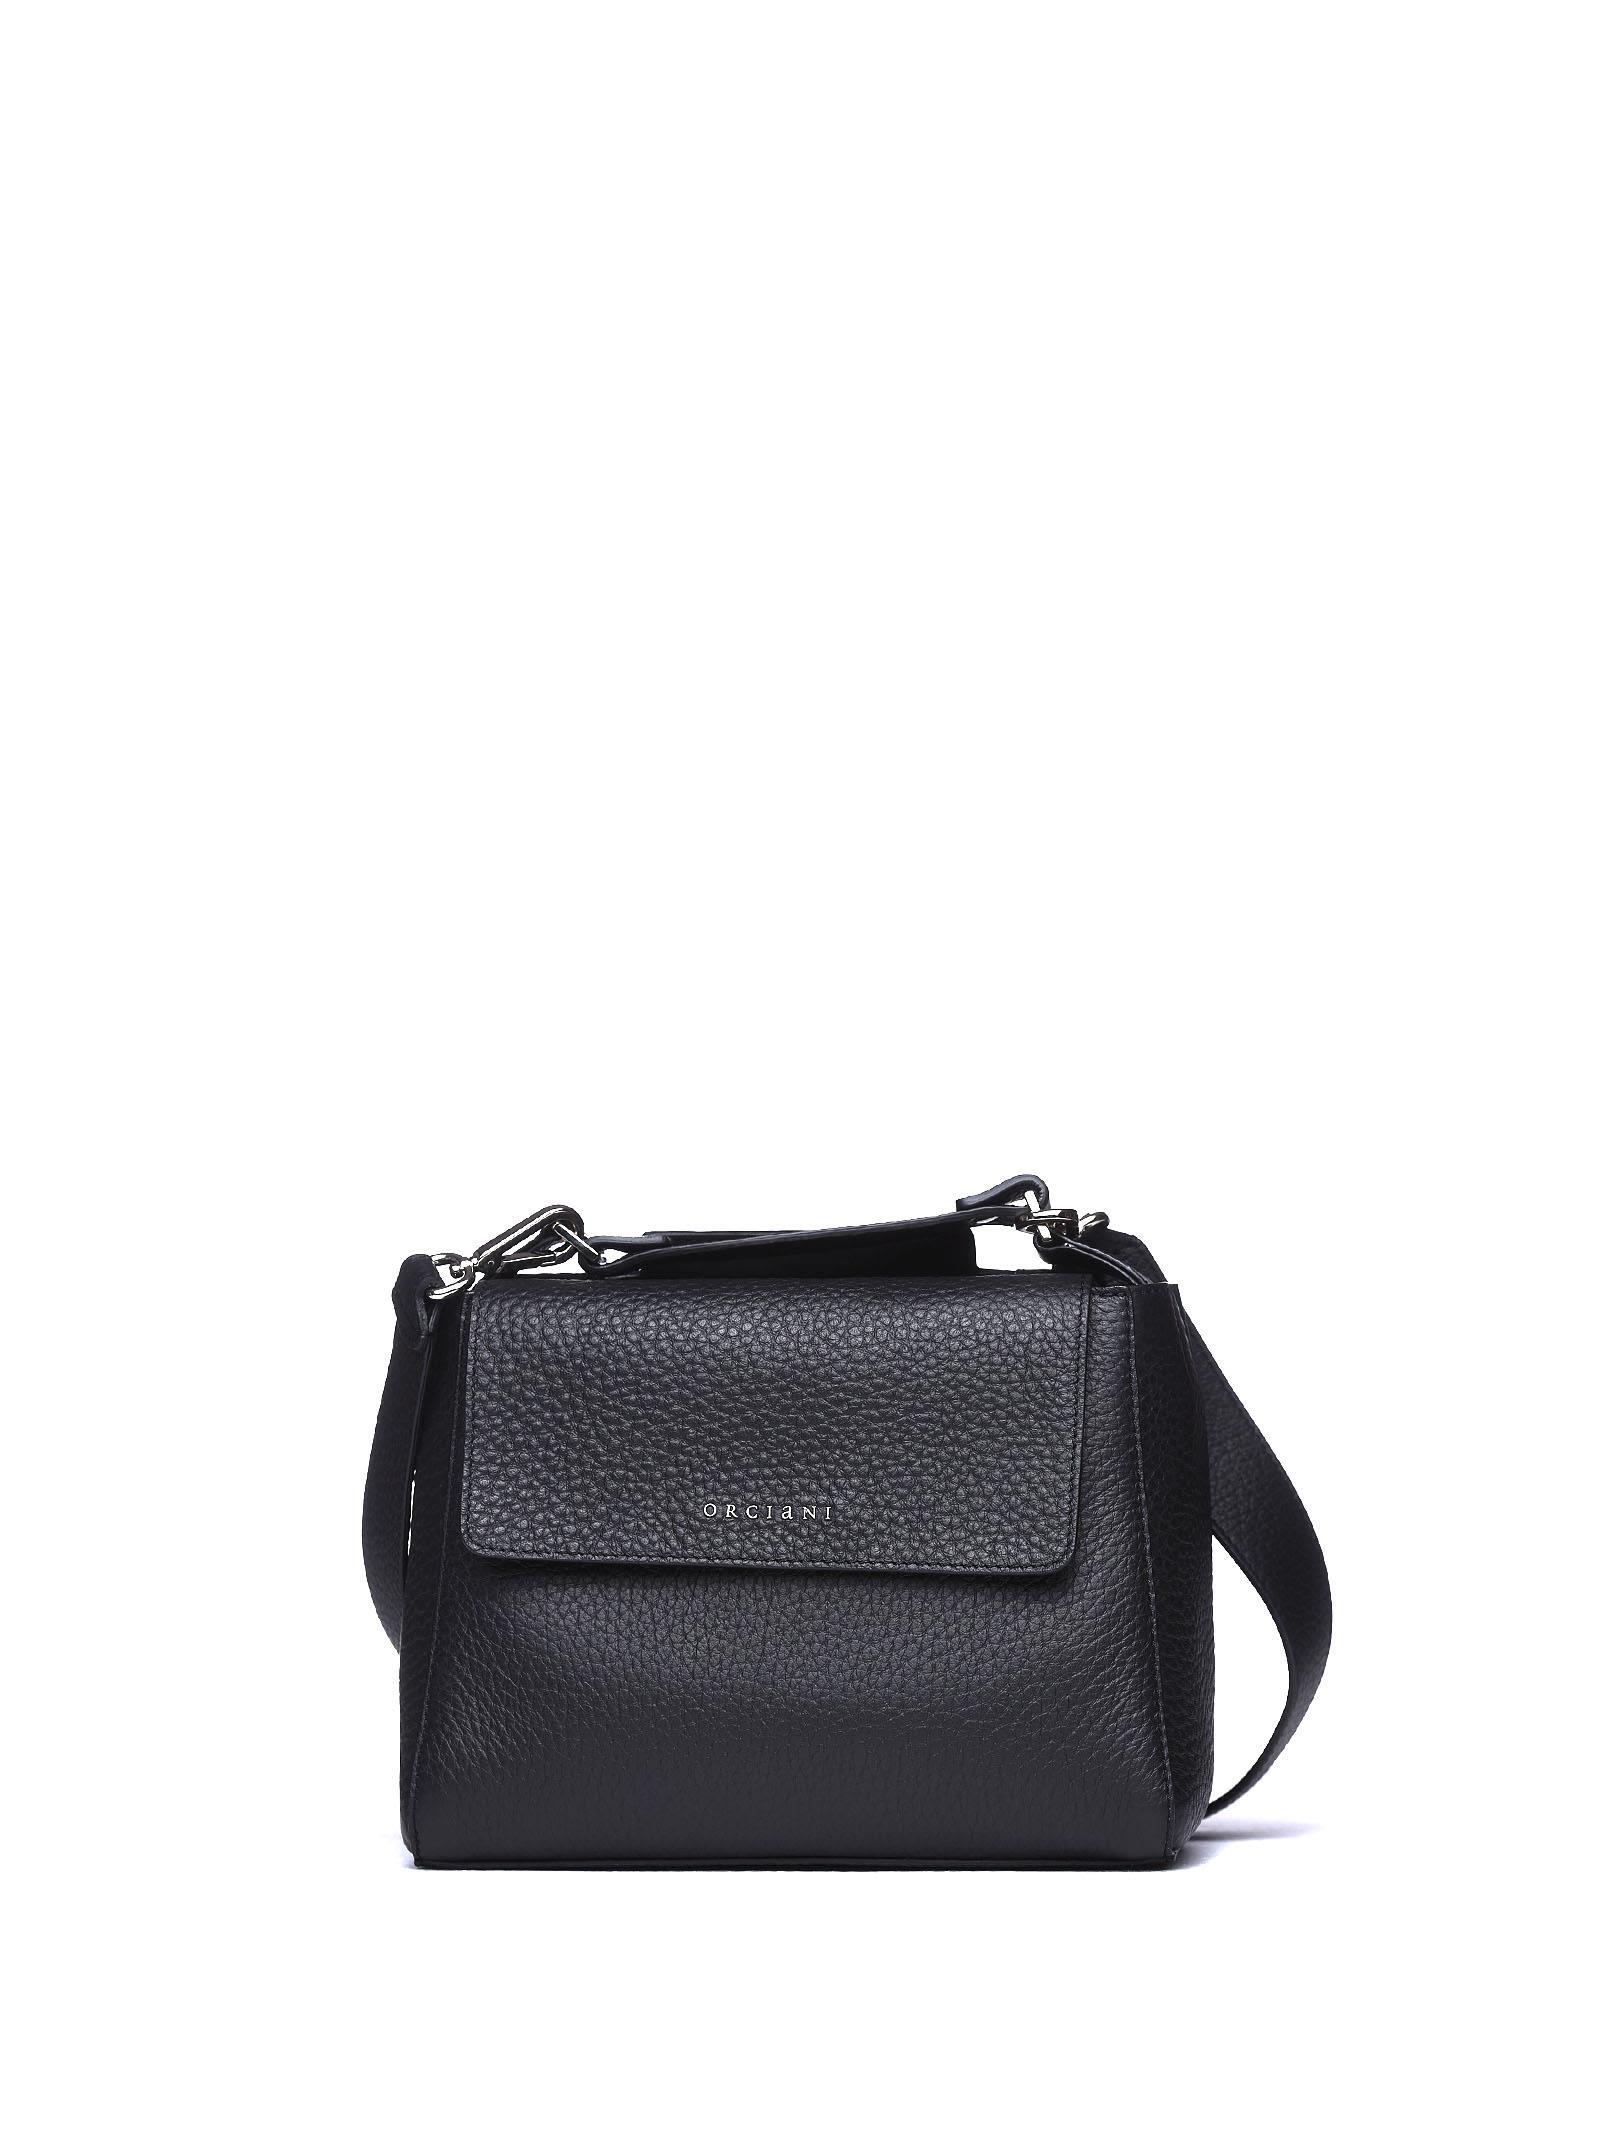 Orciani Sveva Small Leather Handbag - NERO ... b1371b32d775b